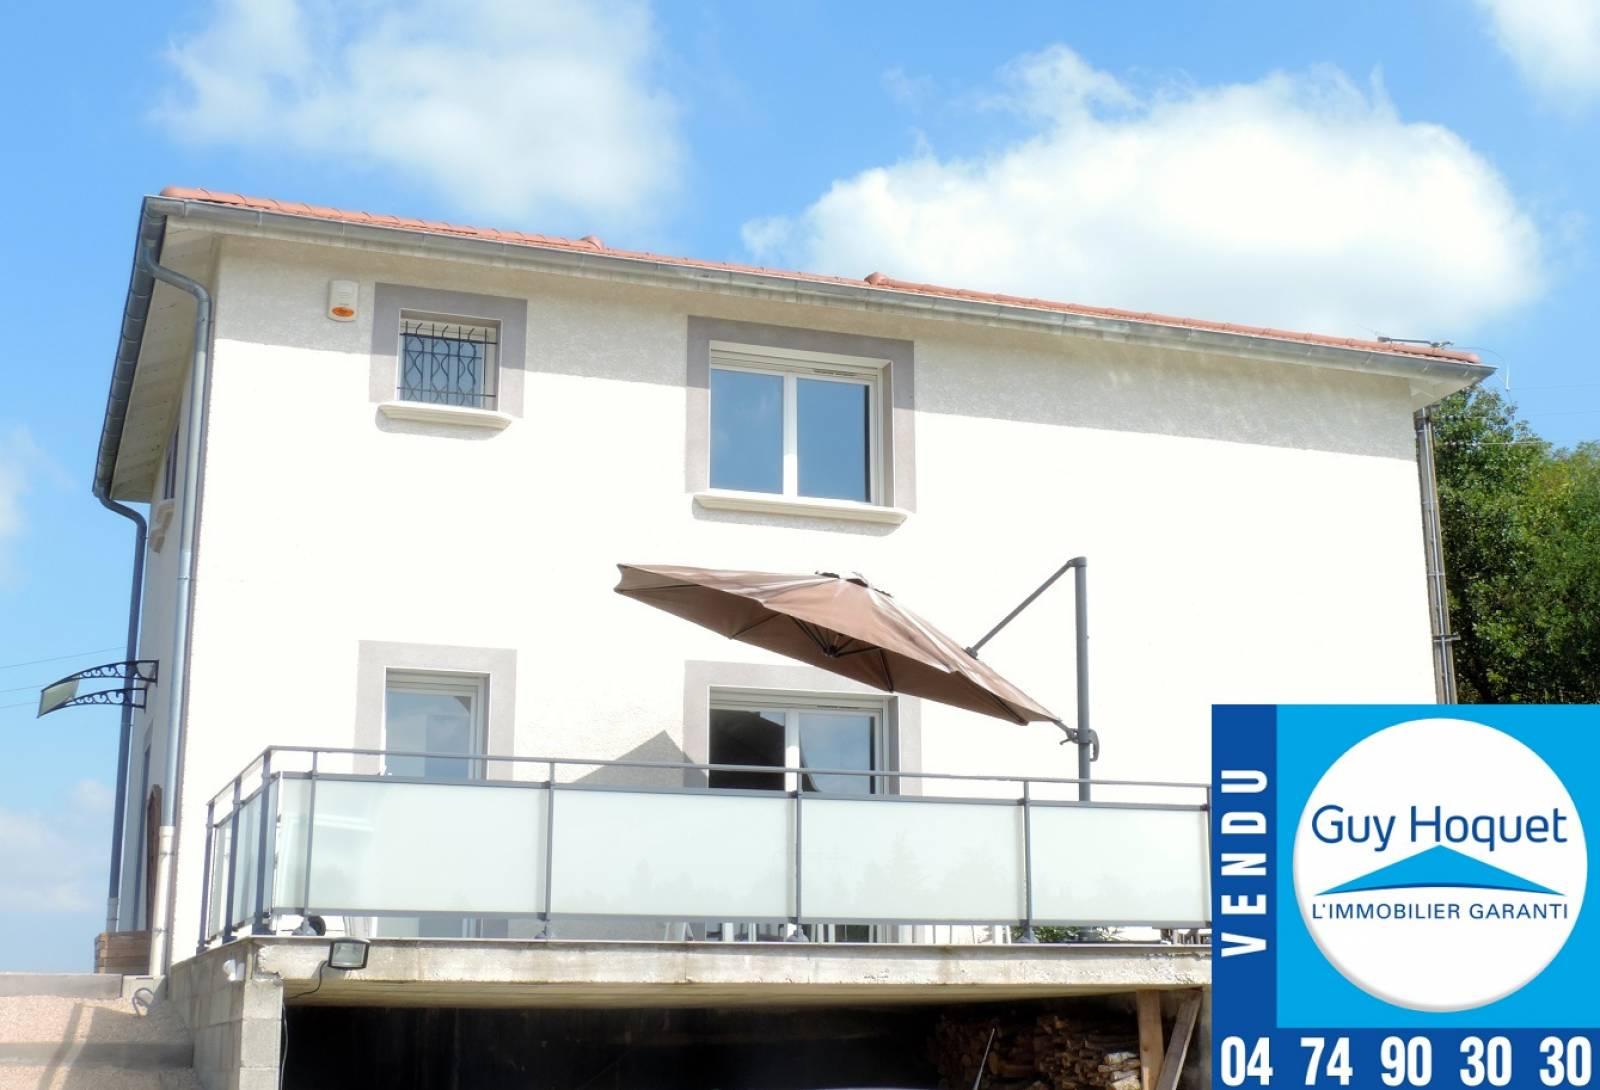 Achat maison r cente avec piscine tignieu jameyzieu for Achat maison par agence immobiliere